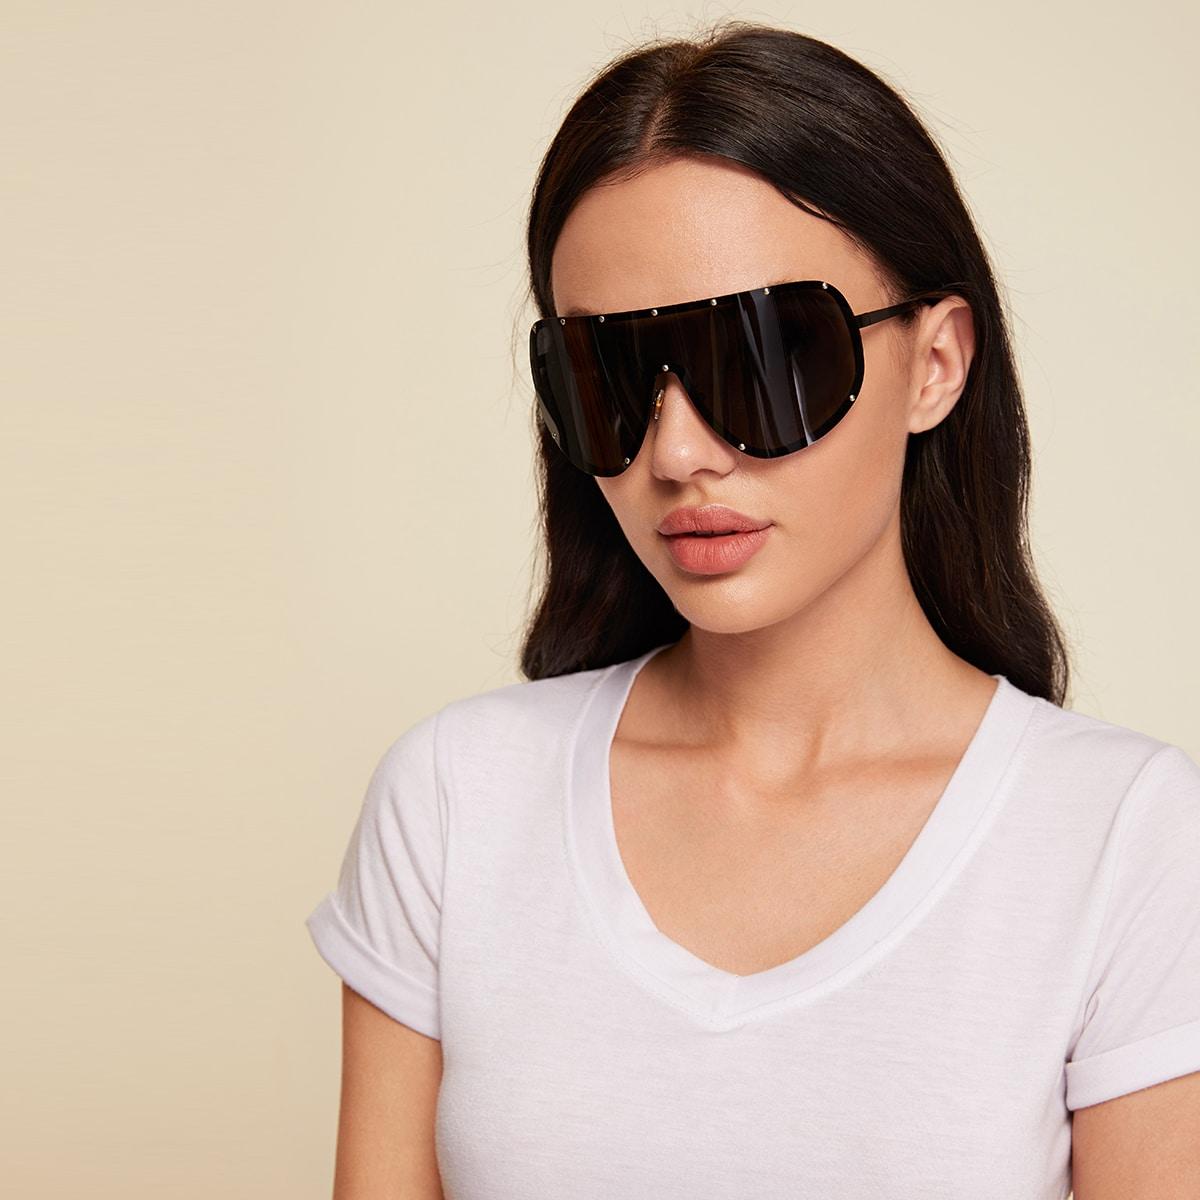 Occhiali da Sole Borchiati